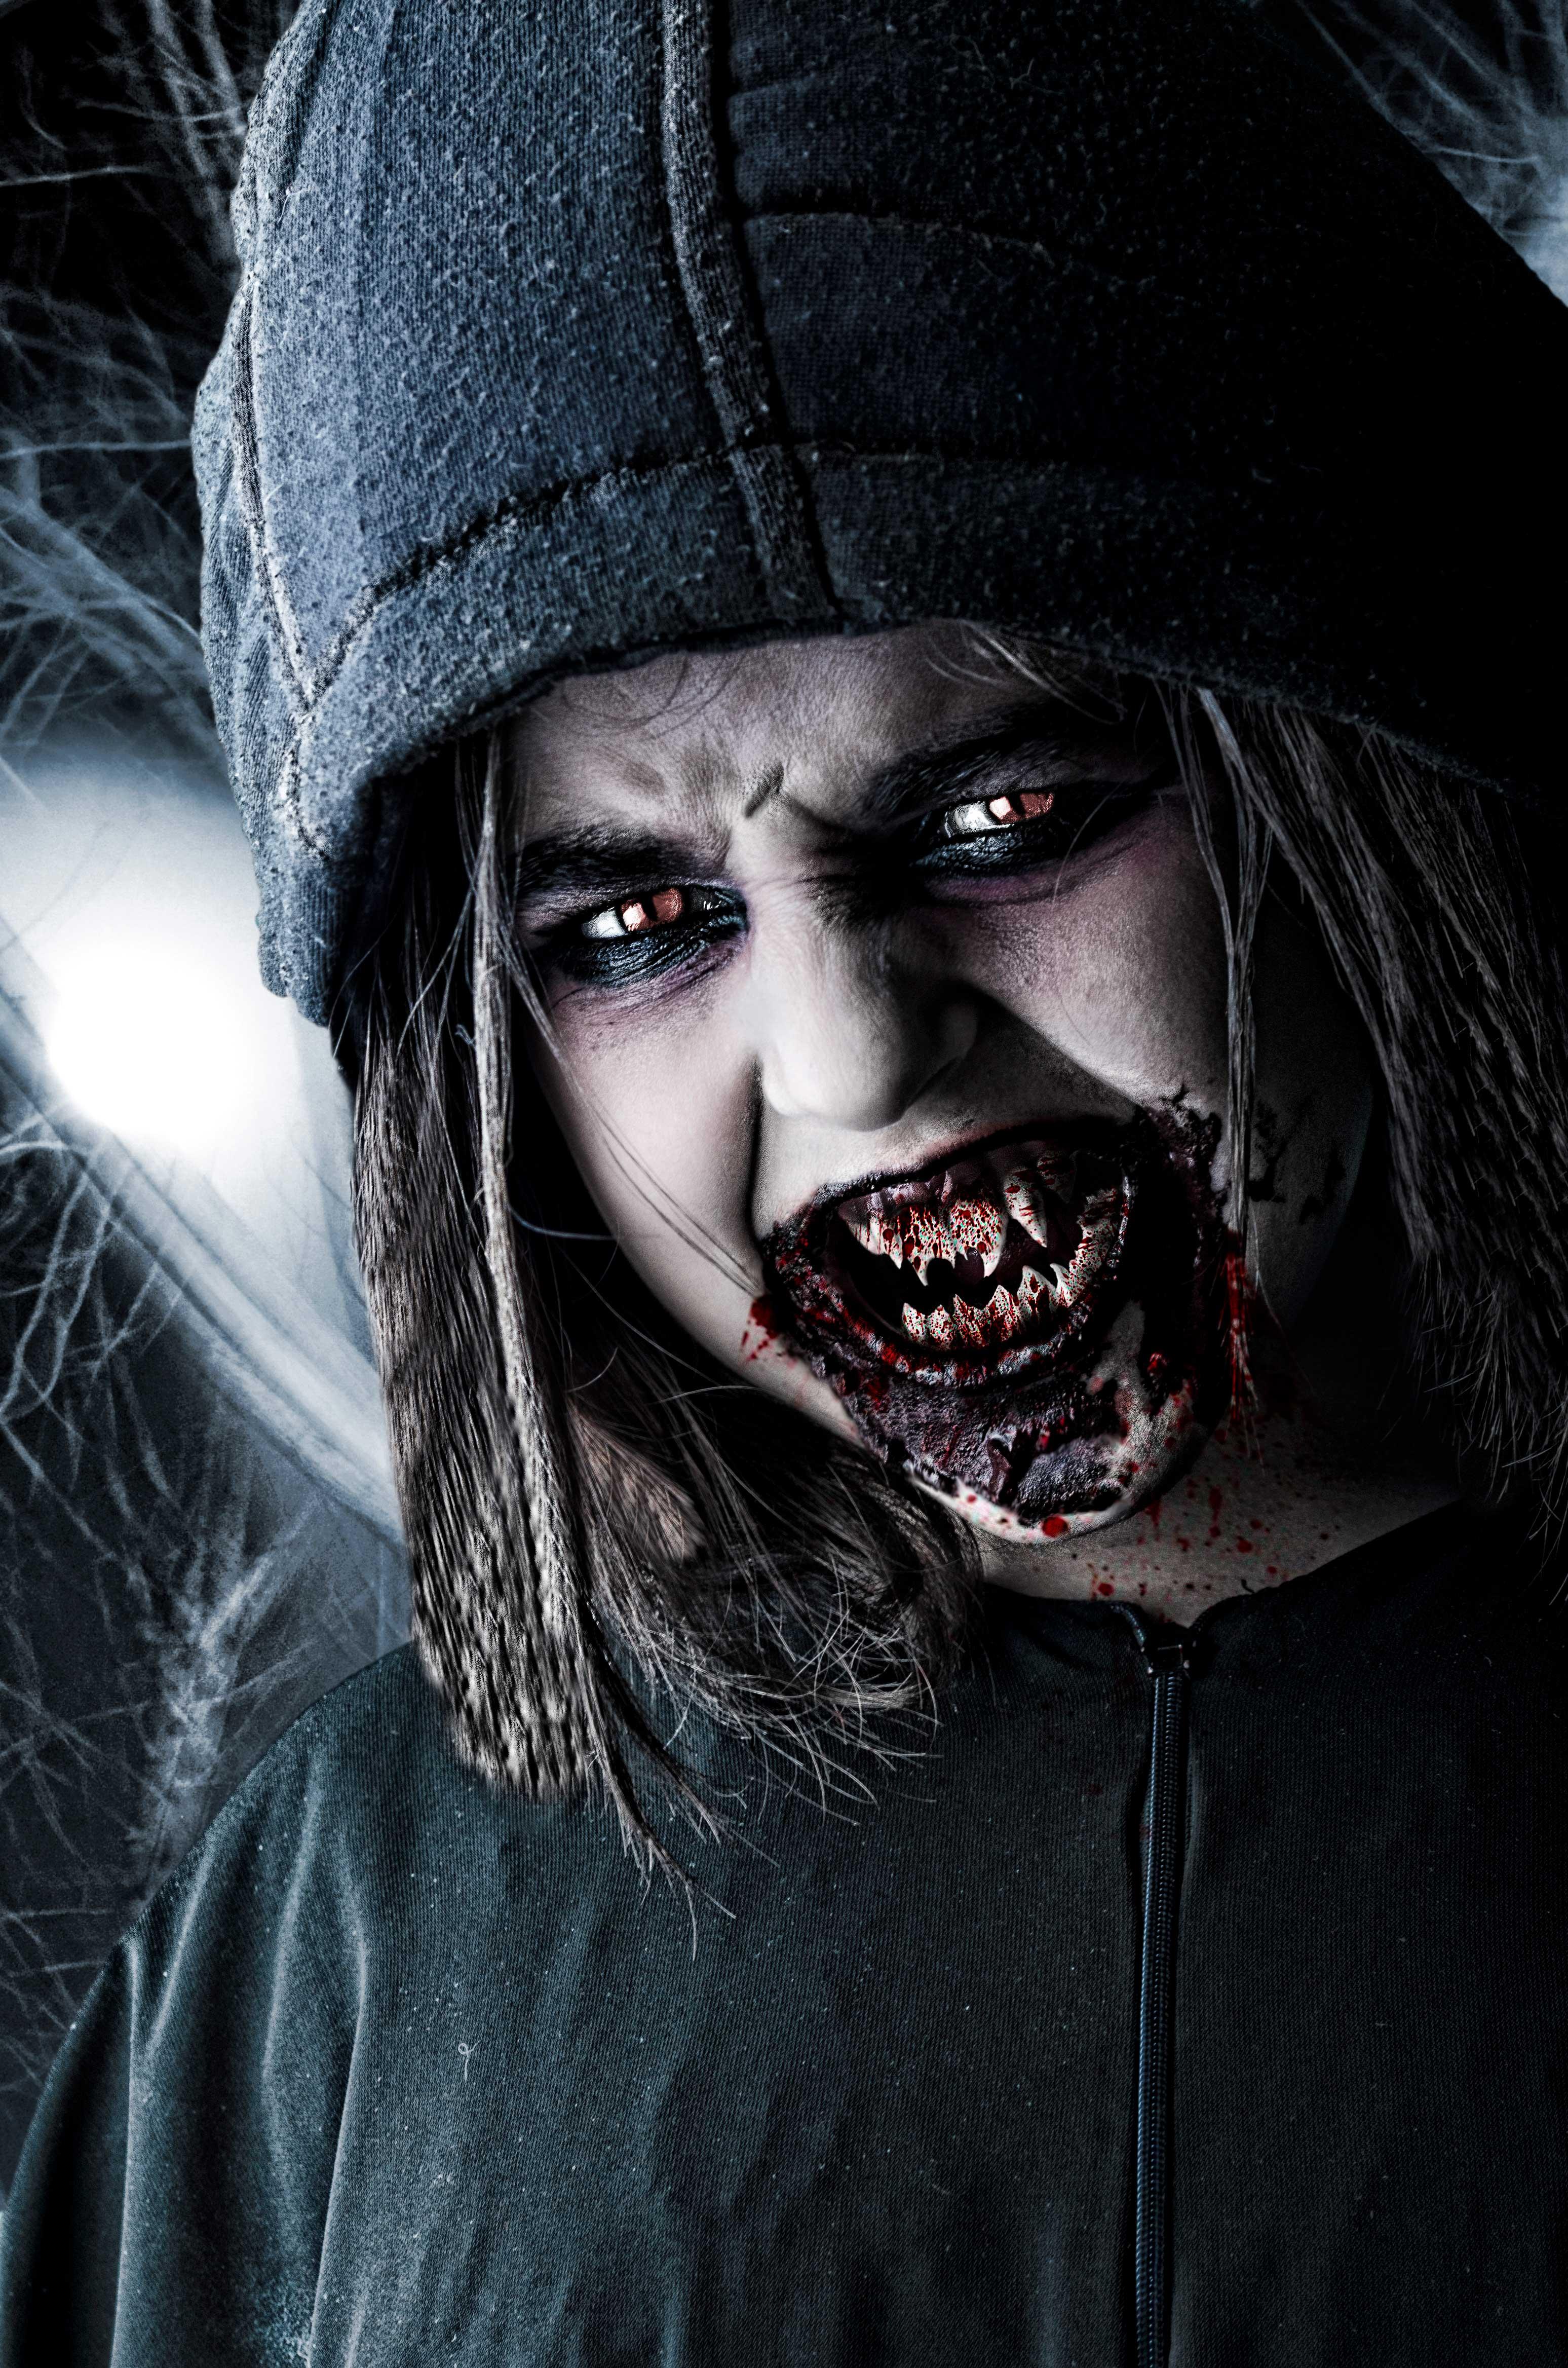 Satanic vampire